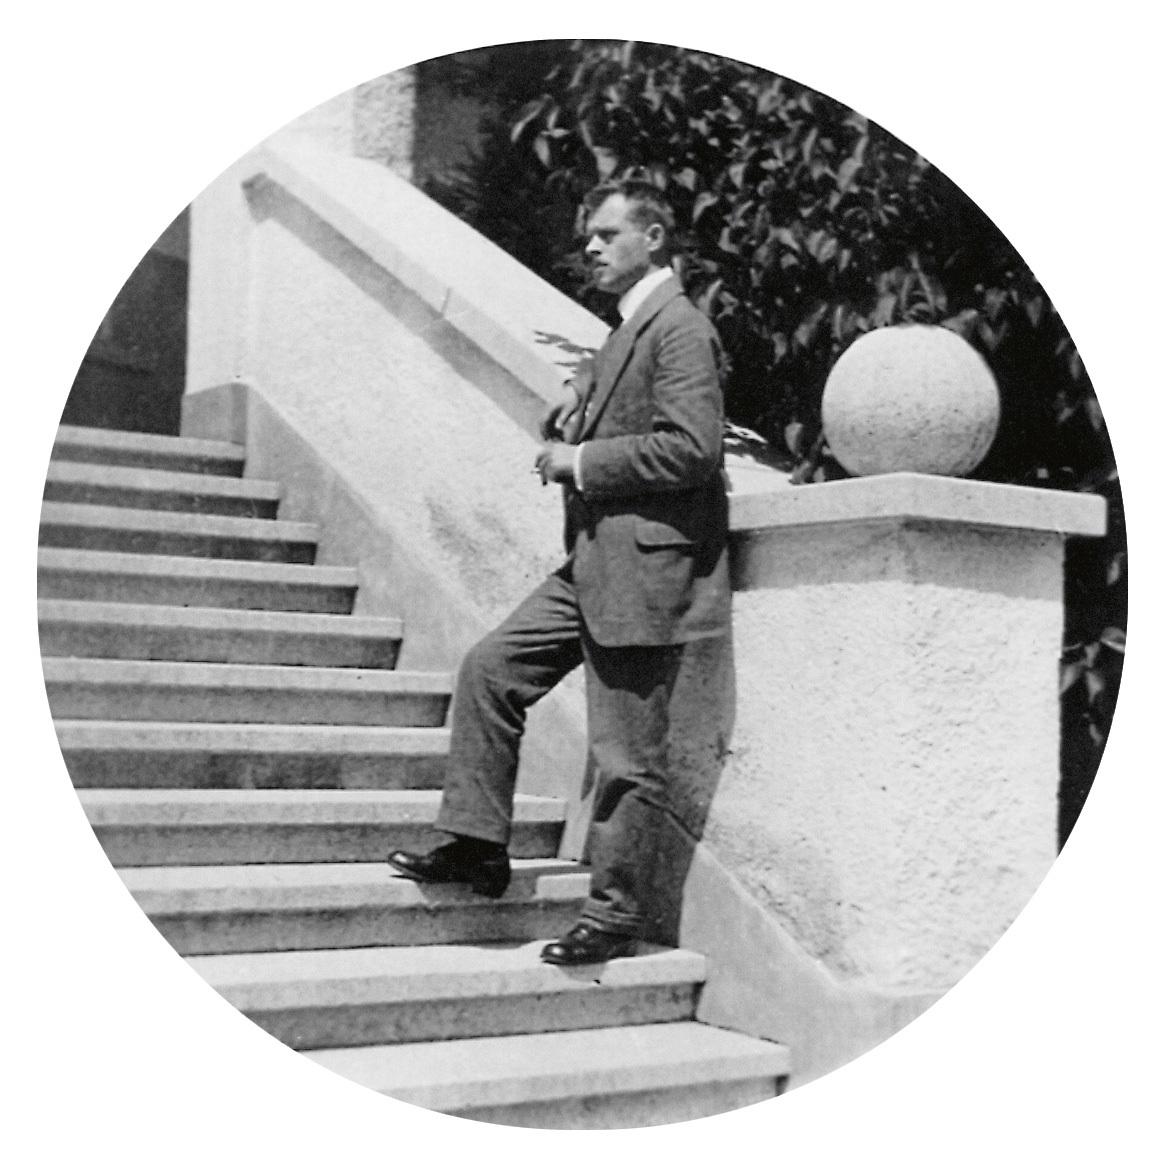 Herman rorschach sulle scale della clinica di m nsterlingen test di rorschach - Test di rorschach tavola 1 ...